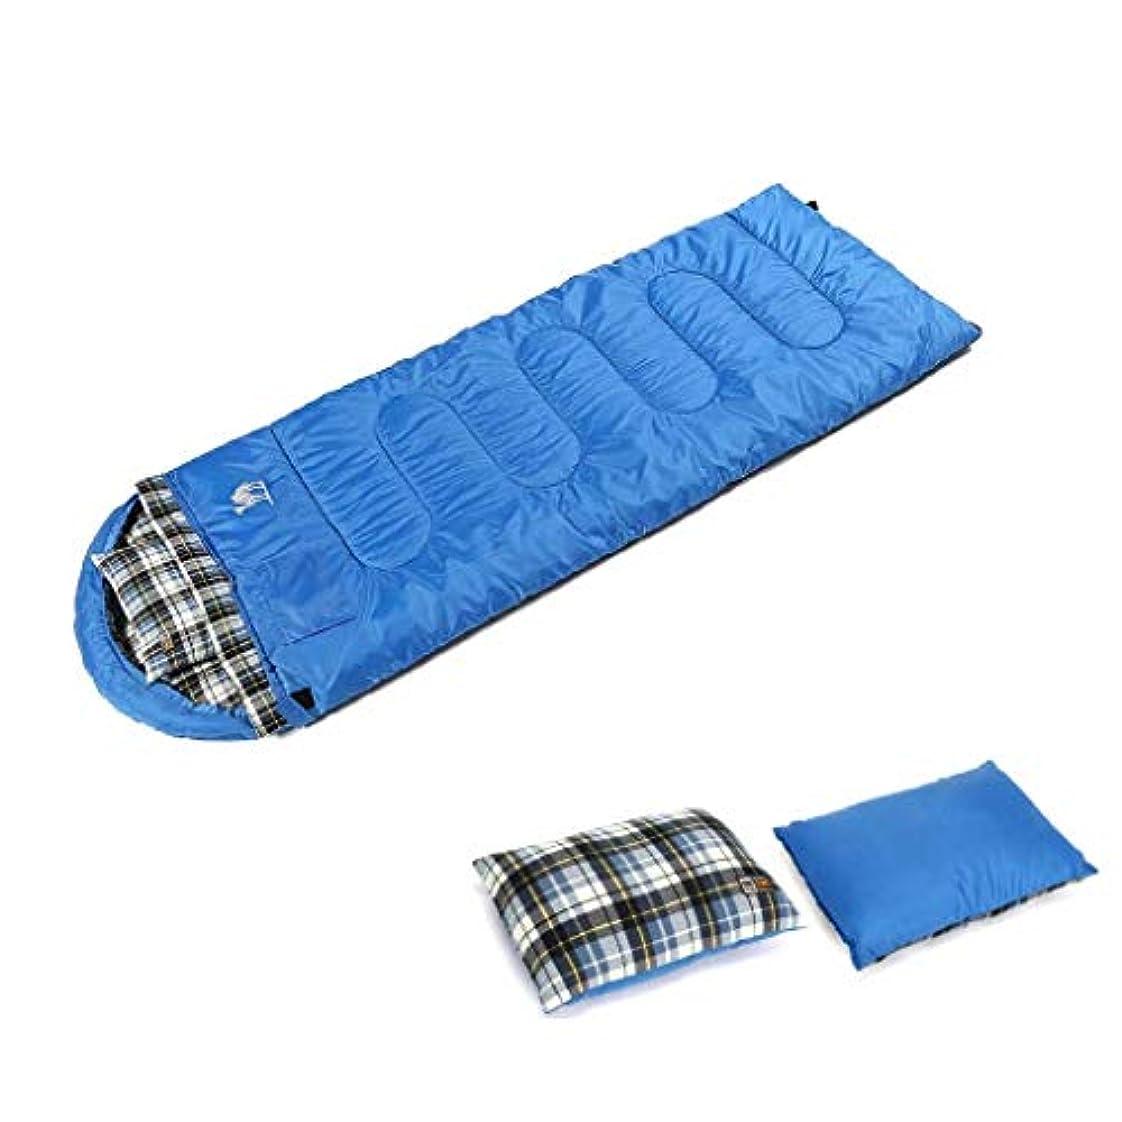 下線ビット追い出すコンフォートウォームエンベロープスリーピングバッグ軽量大型防水長方形寝袋枕と中空コットン、冬アウトドアキャンプバックパッキングトラベルハイキング (Color : 青)